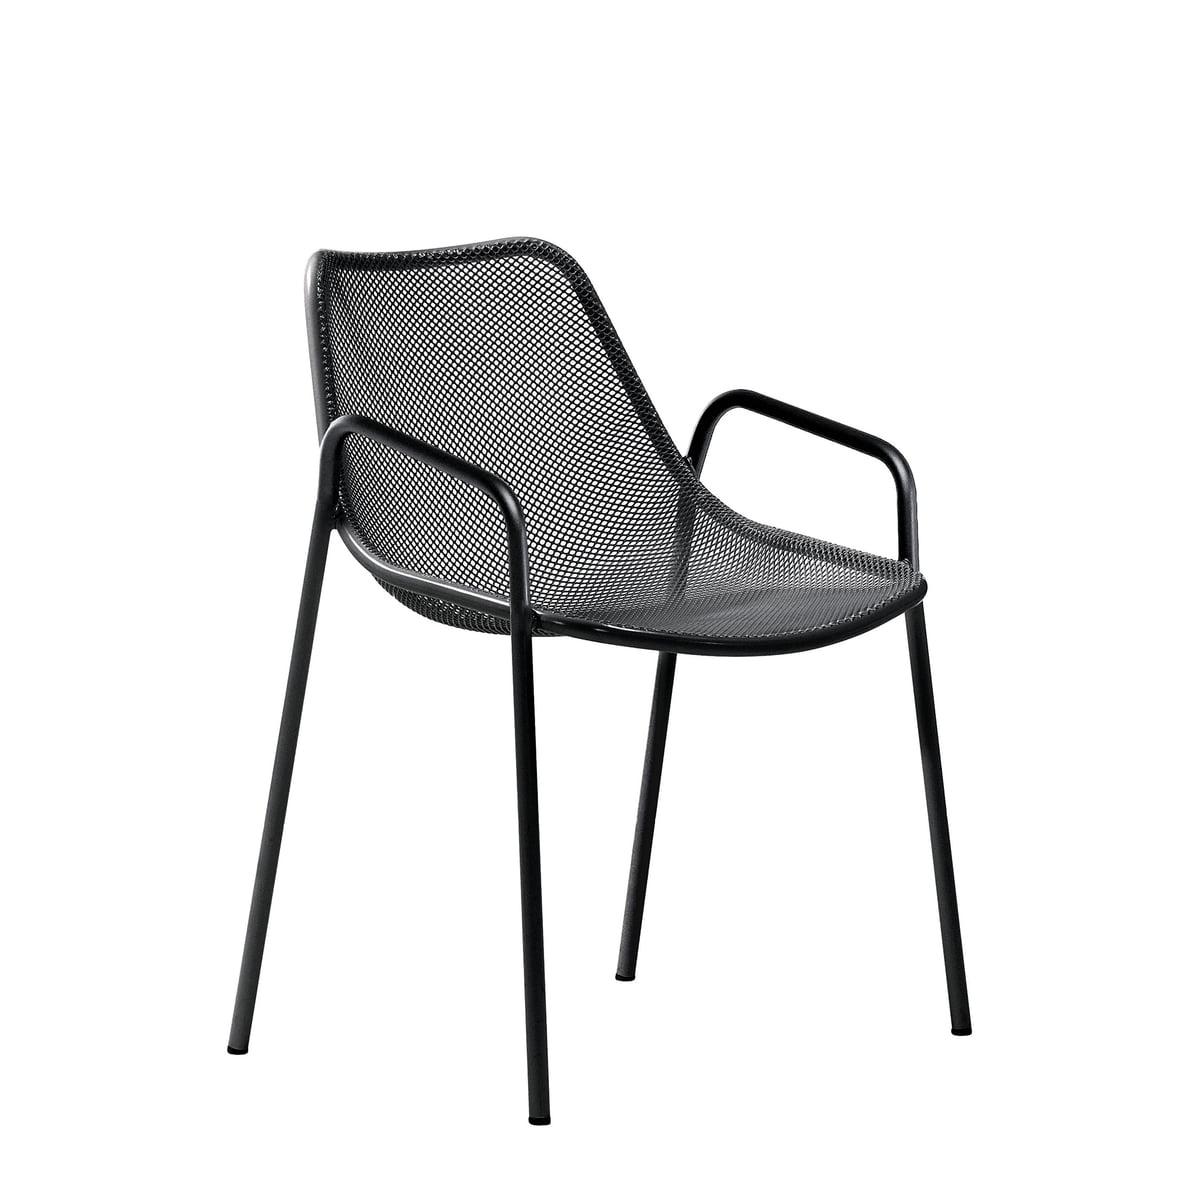 Emu - Round Armlehnstuhl, schwarz   Küche und Esszimmer > Stühle und Hocker   Schwarz   Stahl   EMU